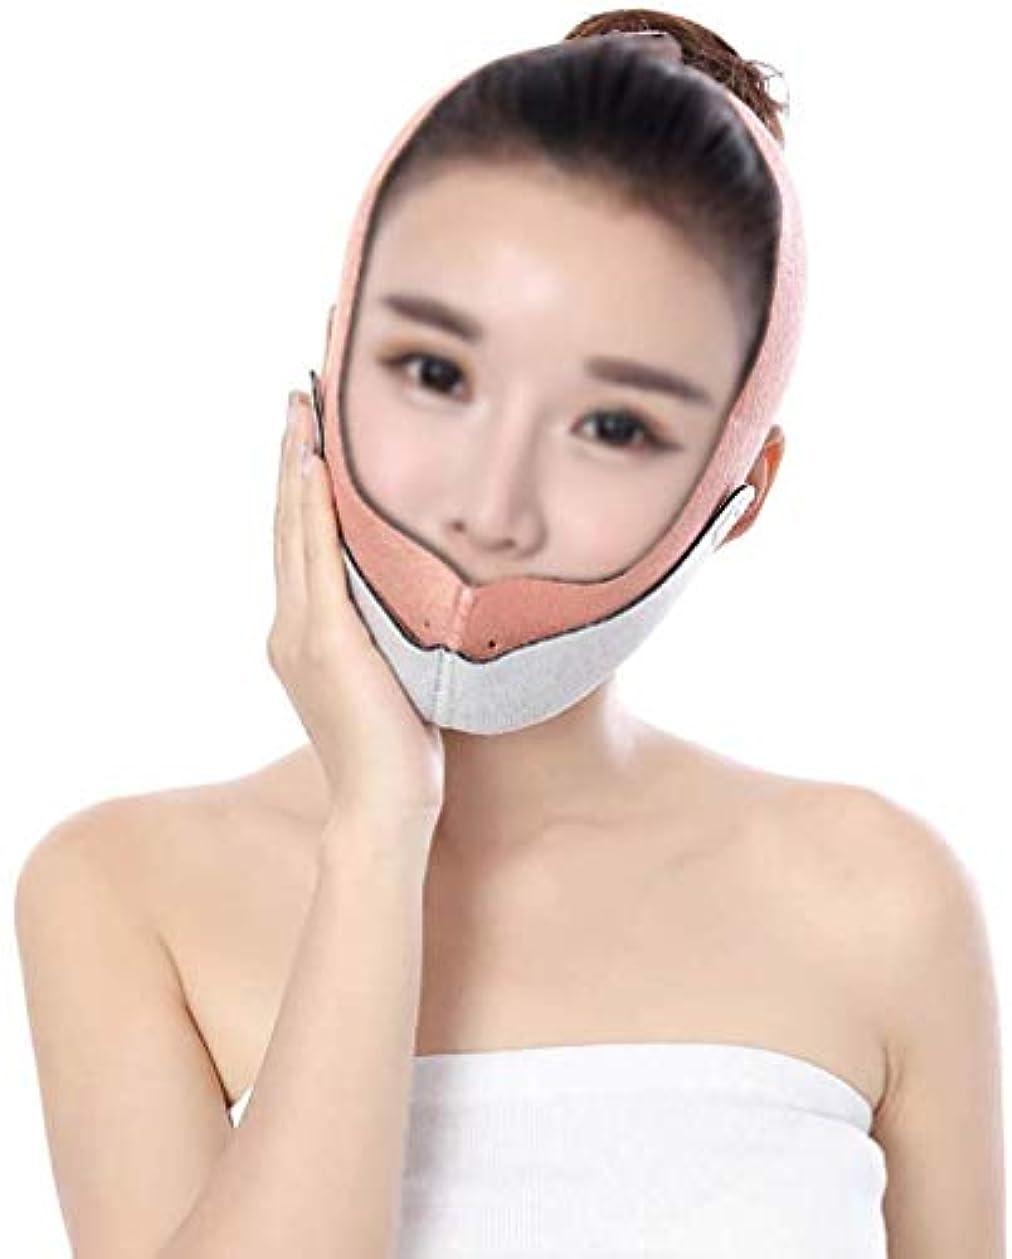 単調な土器天使美容と実用的な引き締めフェイスマスク、フェイスリフティングアーティファクト修正フェイスリフティングベルトたるみ防止包帯美容マスクマスクV顔布ツール